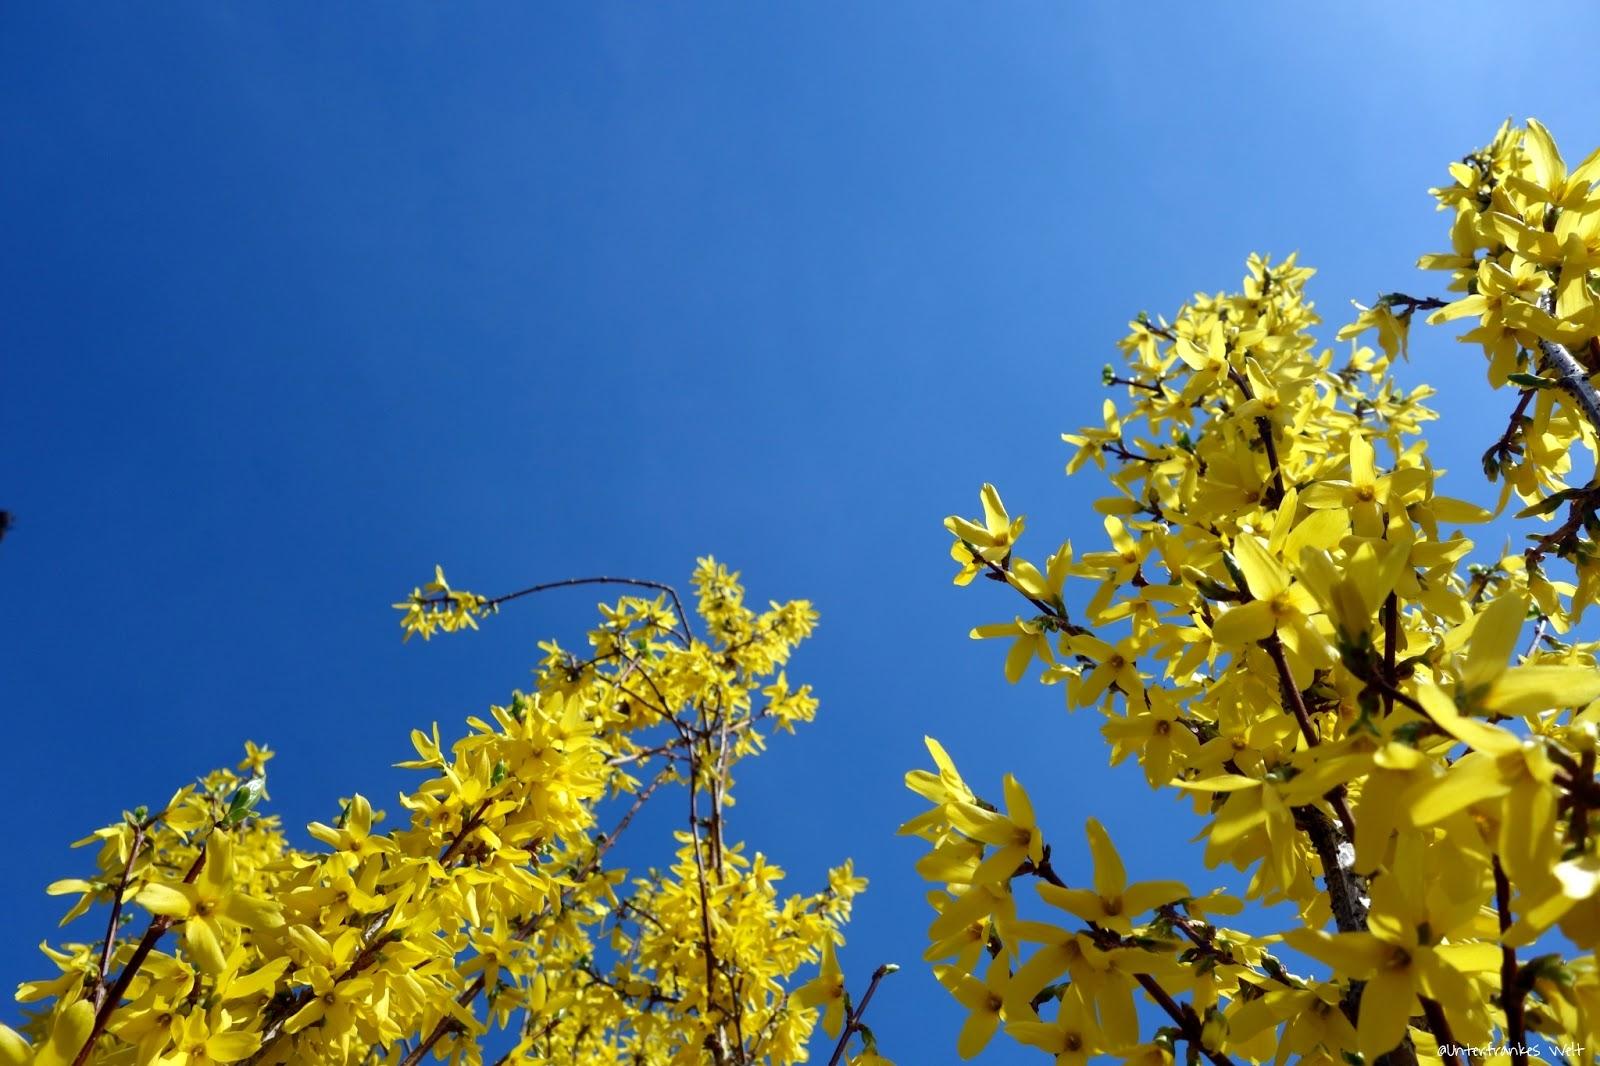 unterfrankes welt fr hlingshimmel gelb und blau. Black Bedroom Furniture Sets. Home Design Ideas